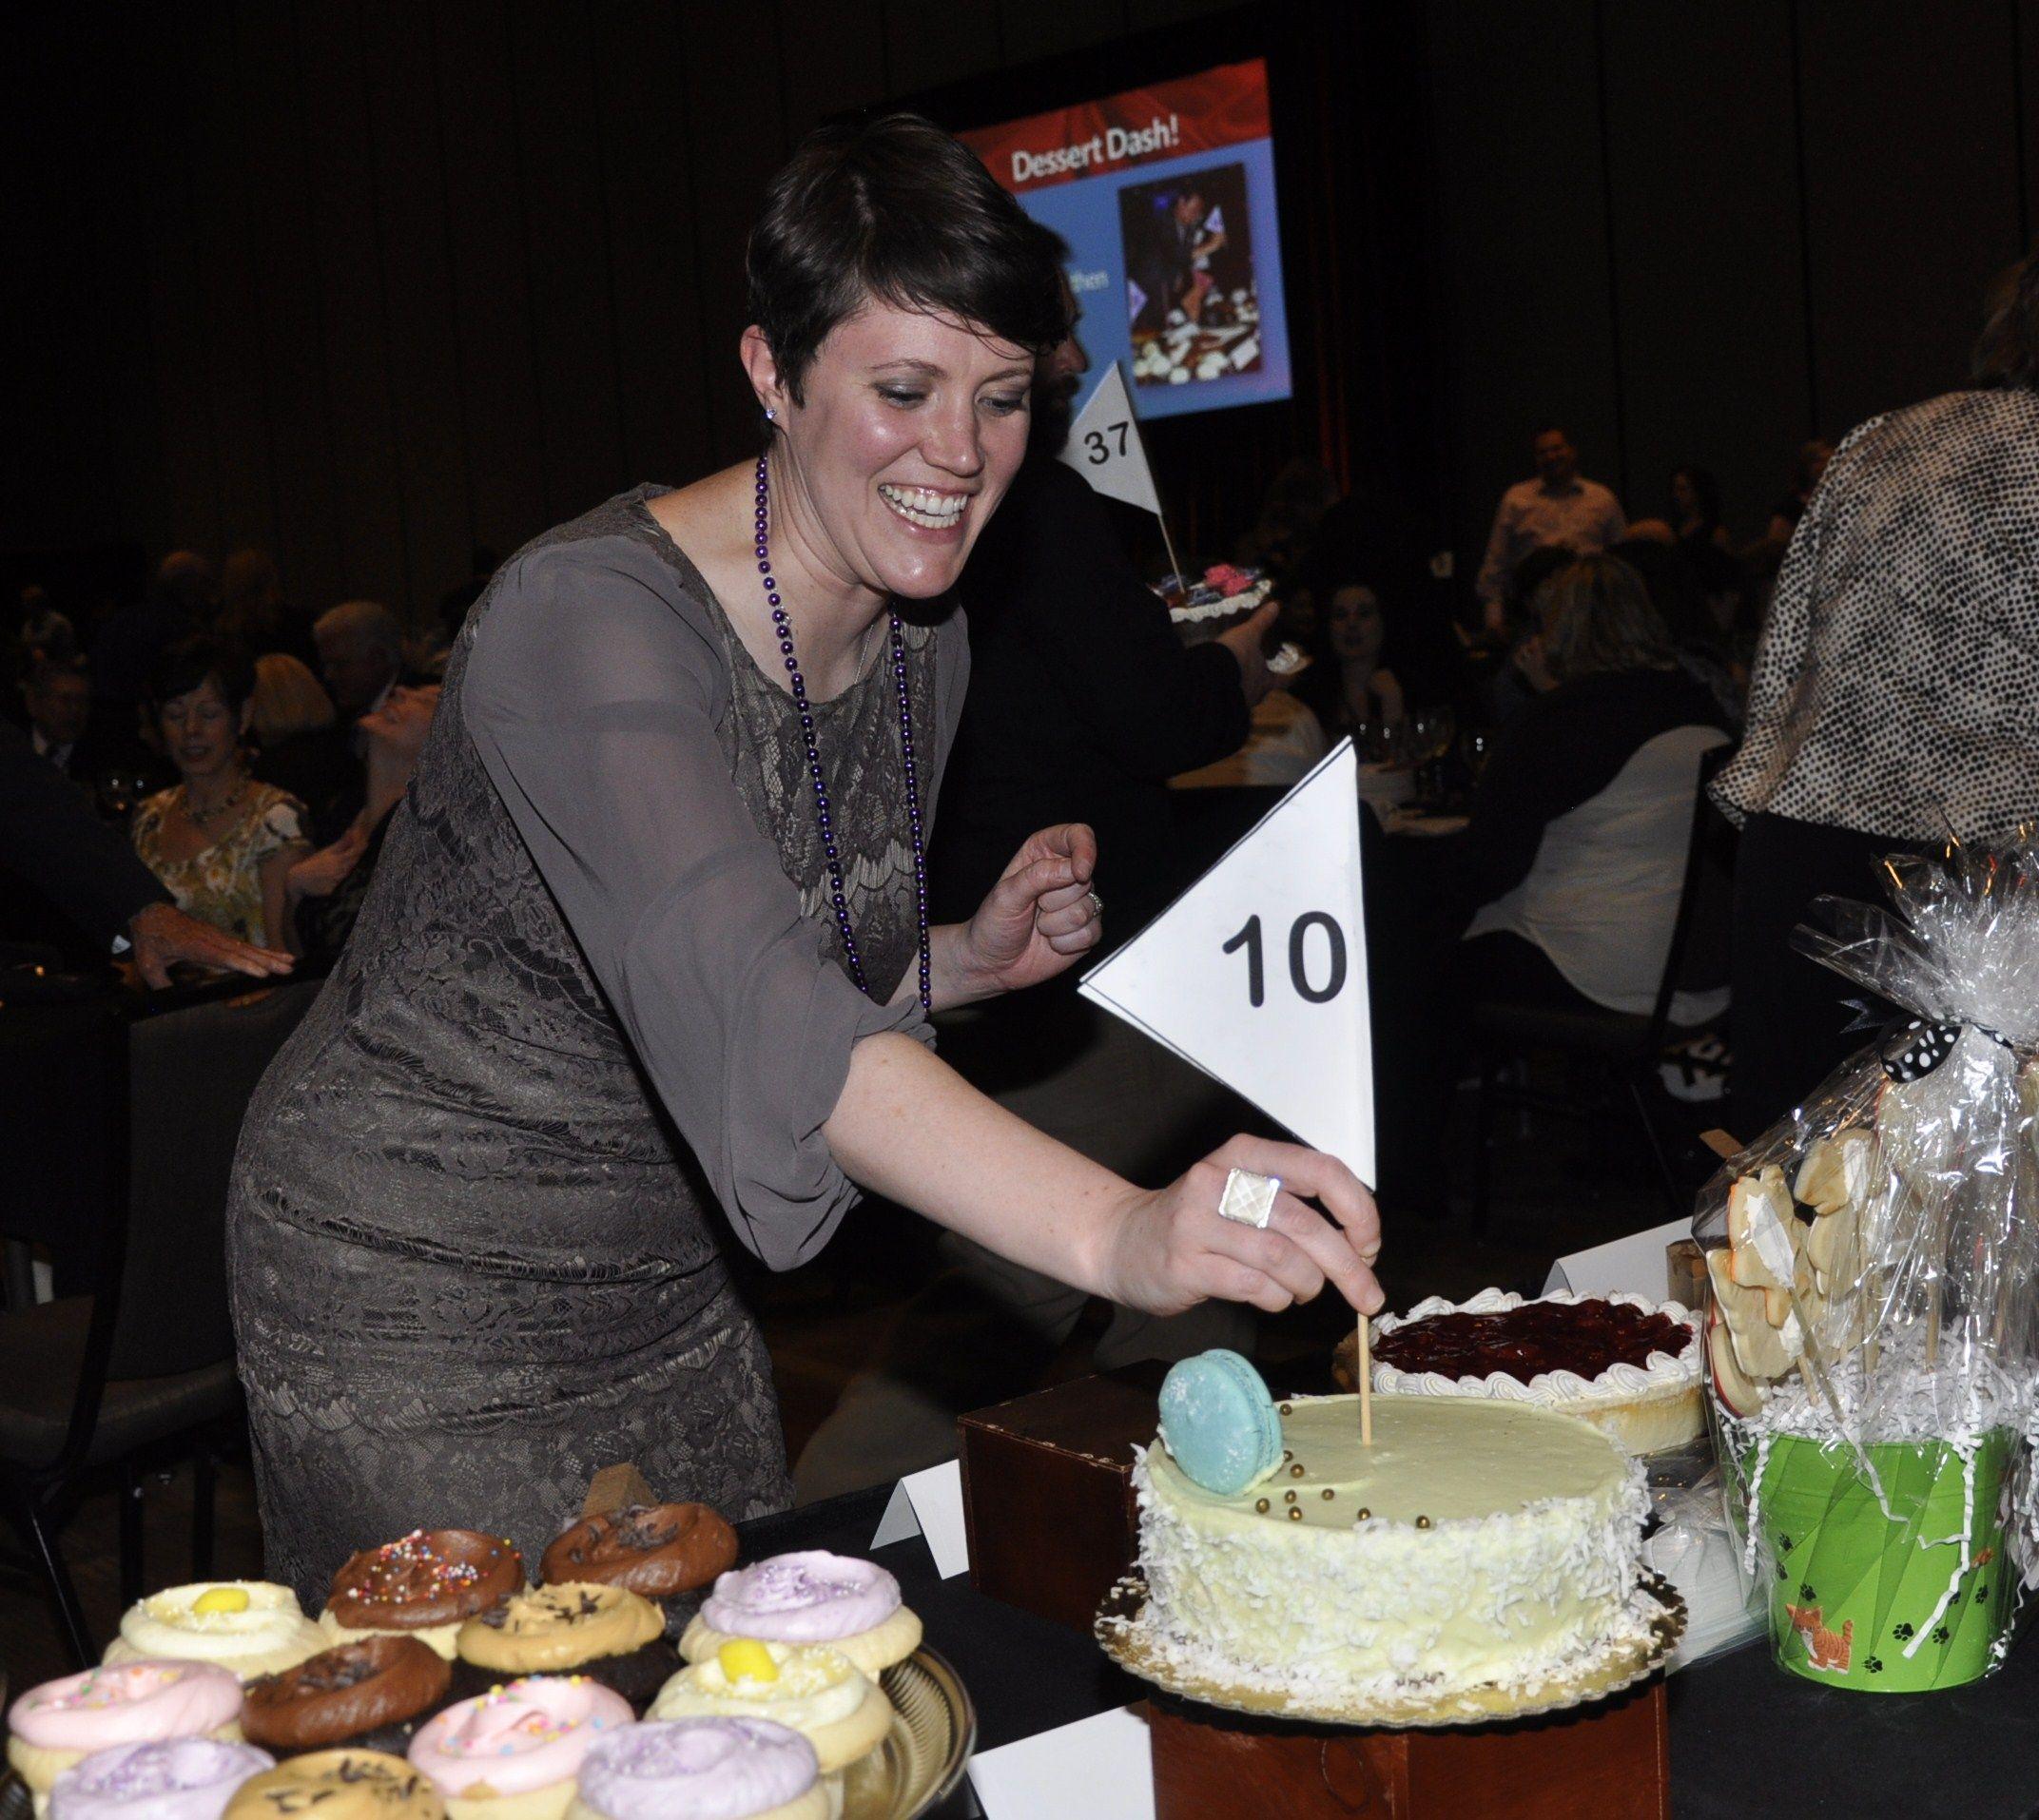 Dessert Dash Fun Fundraising Events Sunday School Volunteers Volunteer Gifts